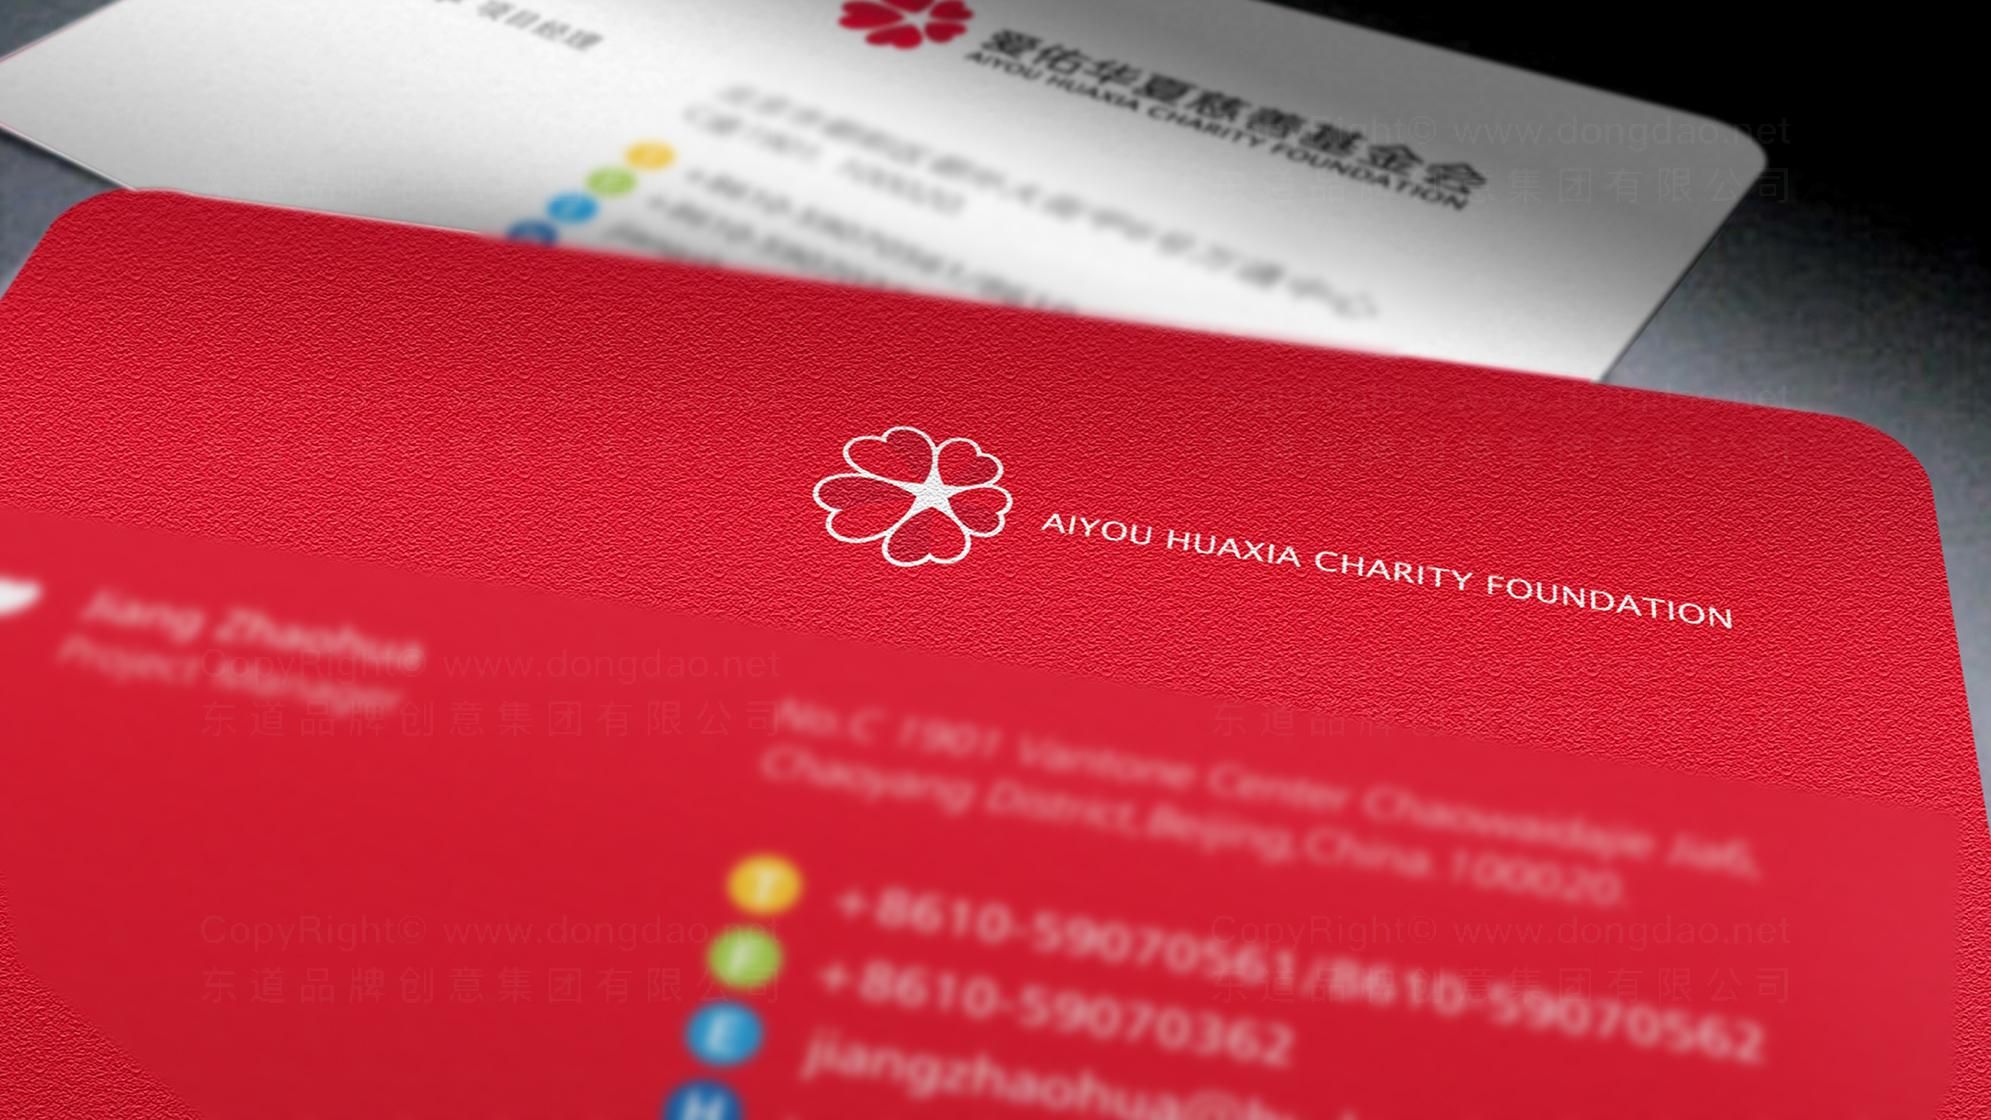 品牌设计爱佑华夏慈善基金VI设计应用场景